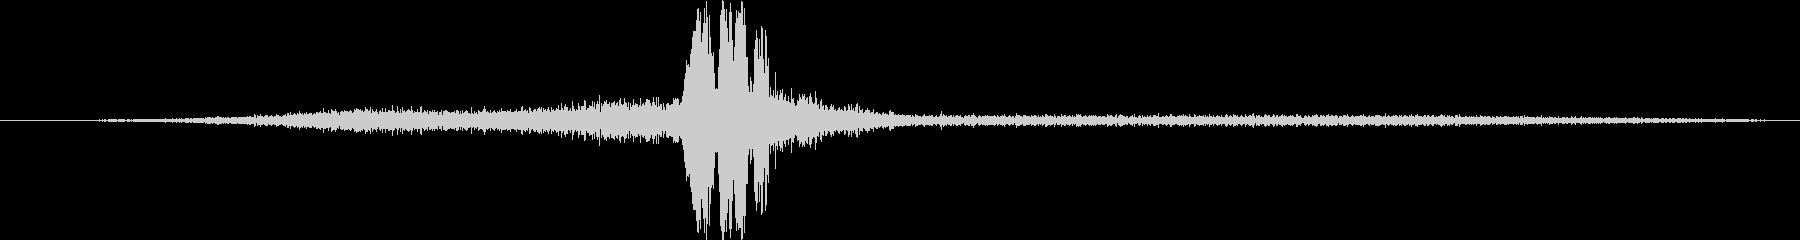 シボレーカマロ:内線:速い速度で左...の未再生の波形